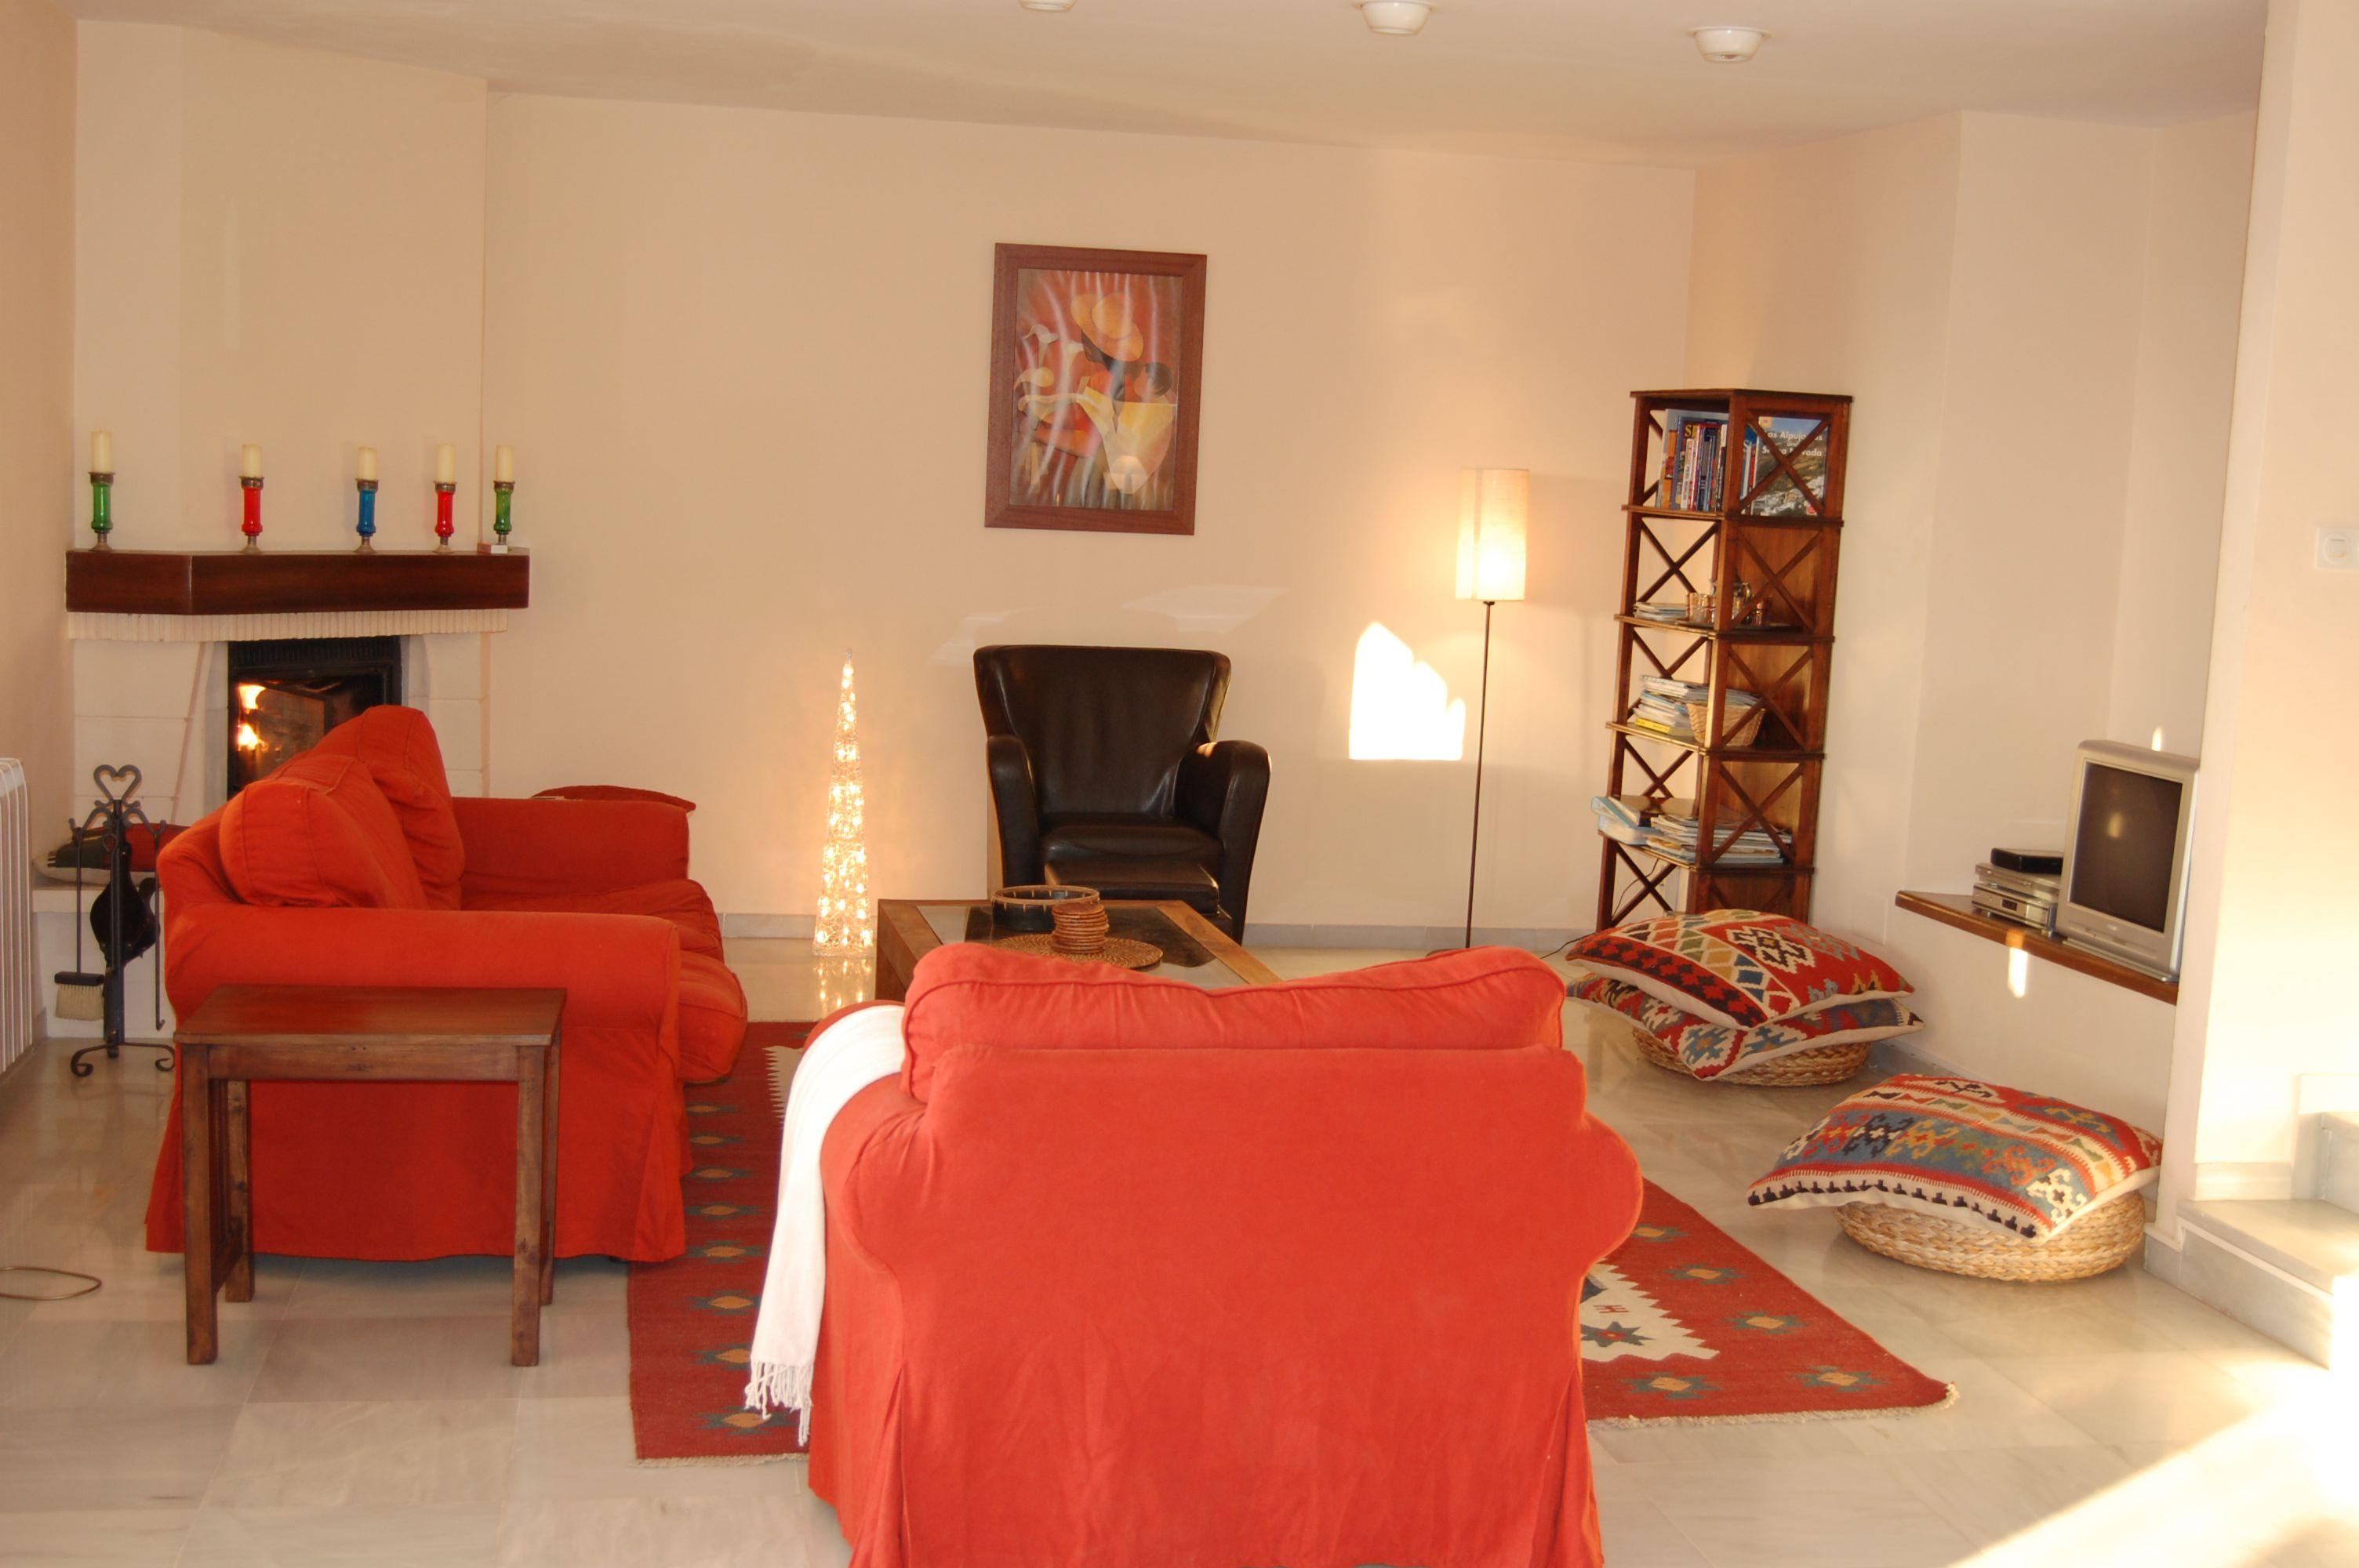 living room salon villa estrella del mar